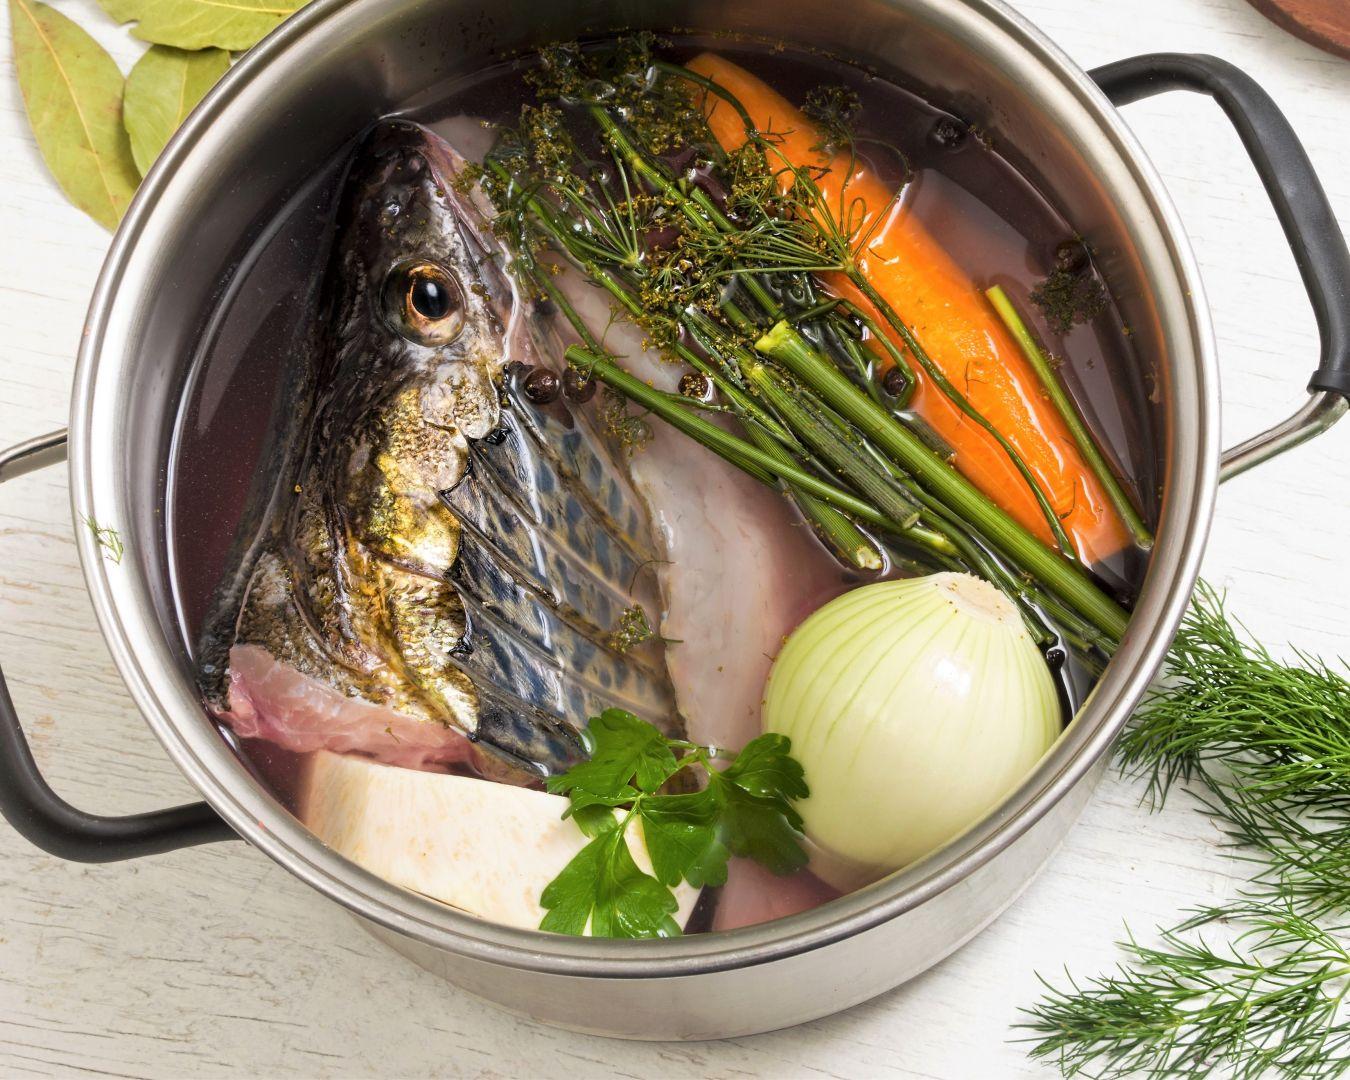 Comenzaremos haciendo el caldo de pescado